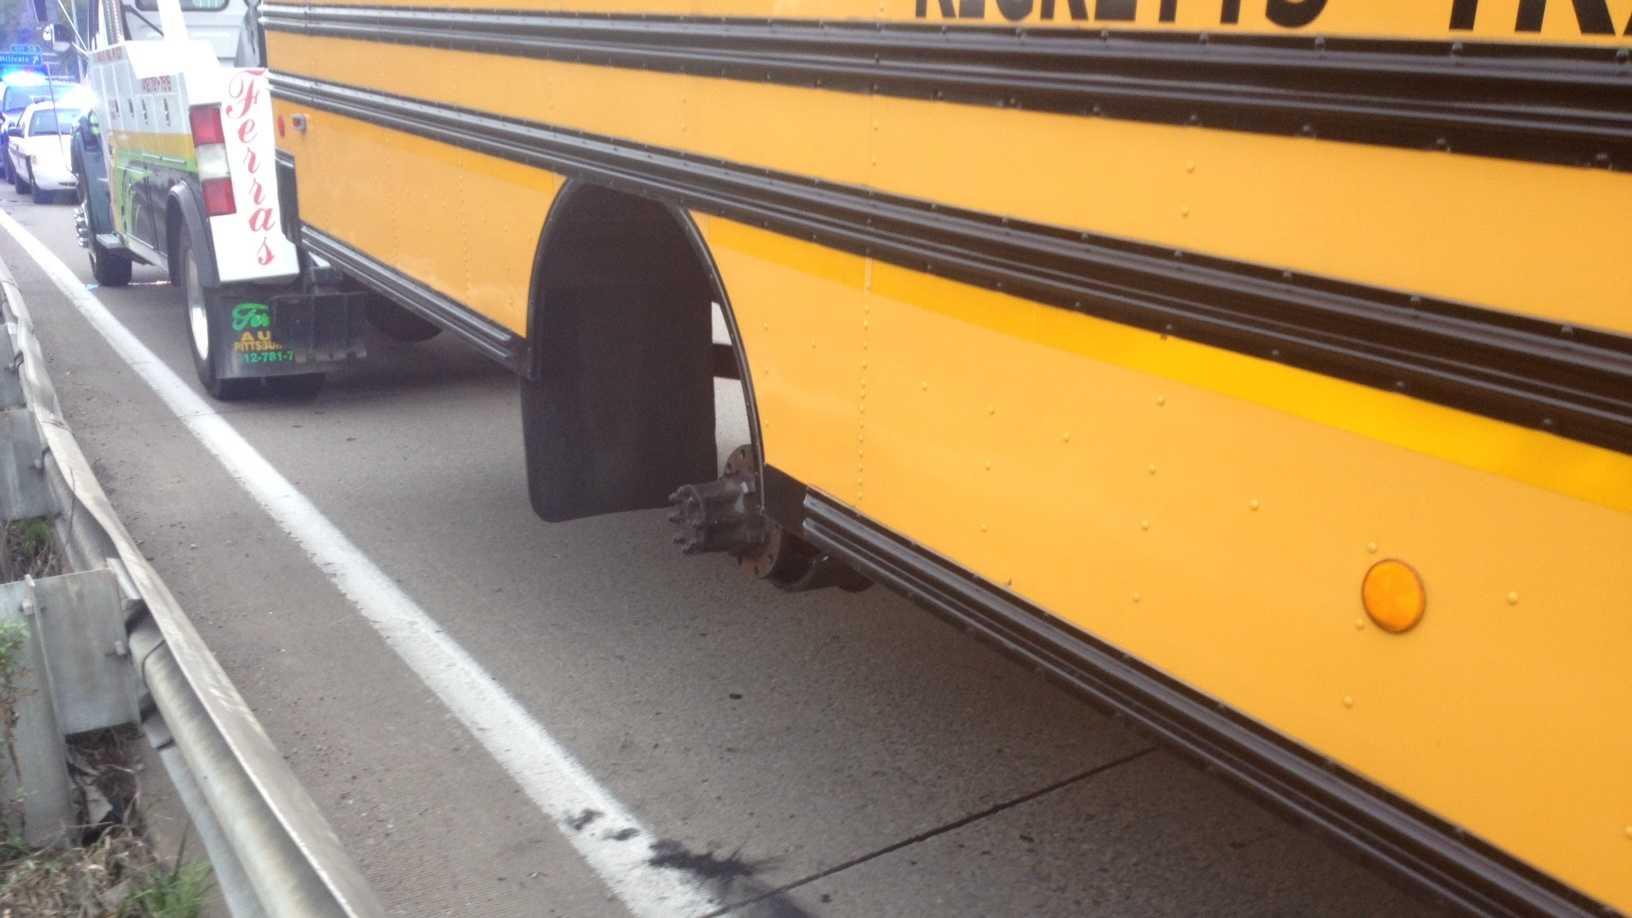 Bus wheel accident 2